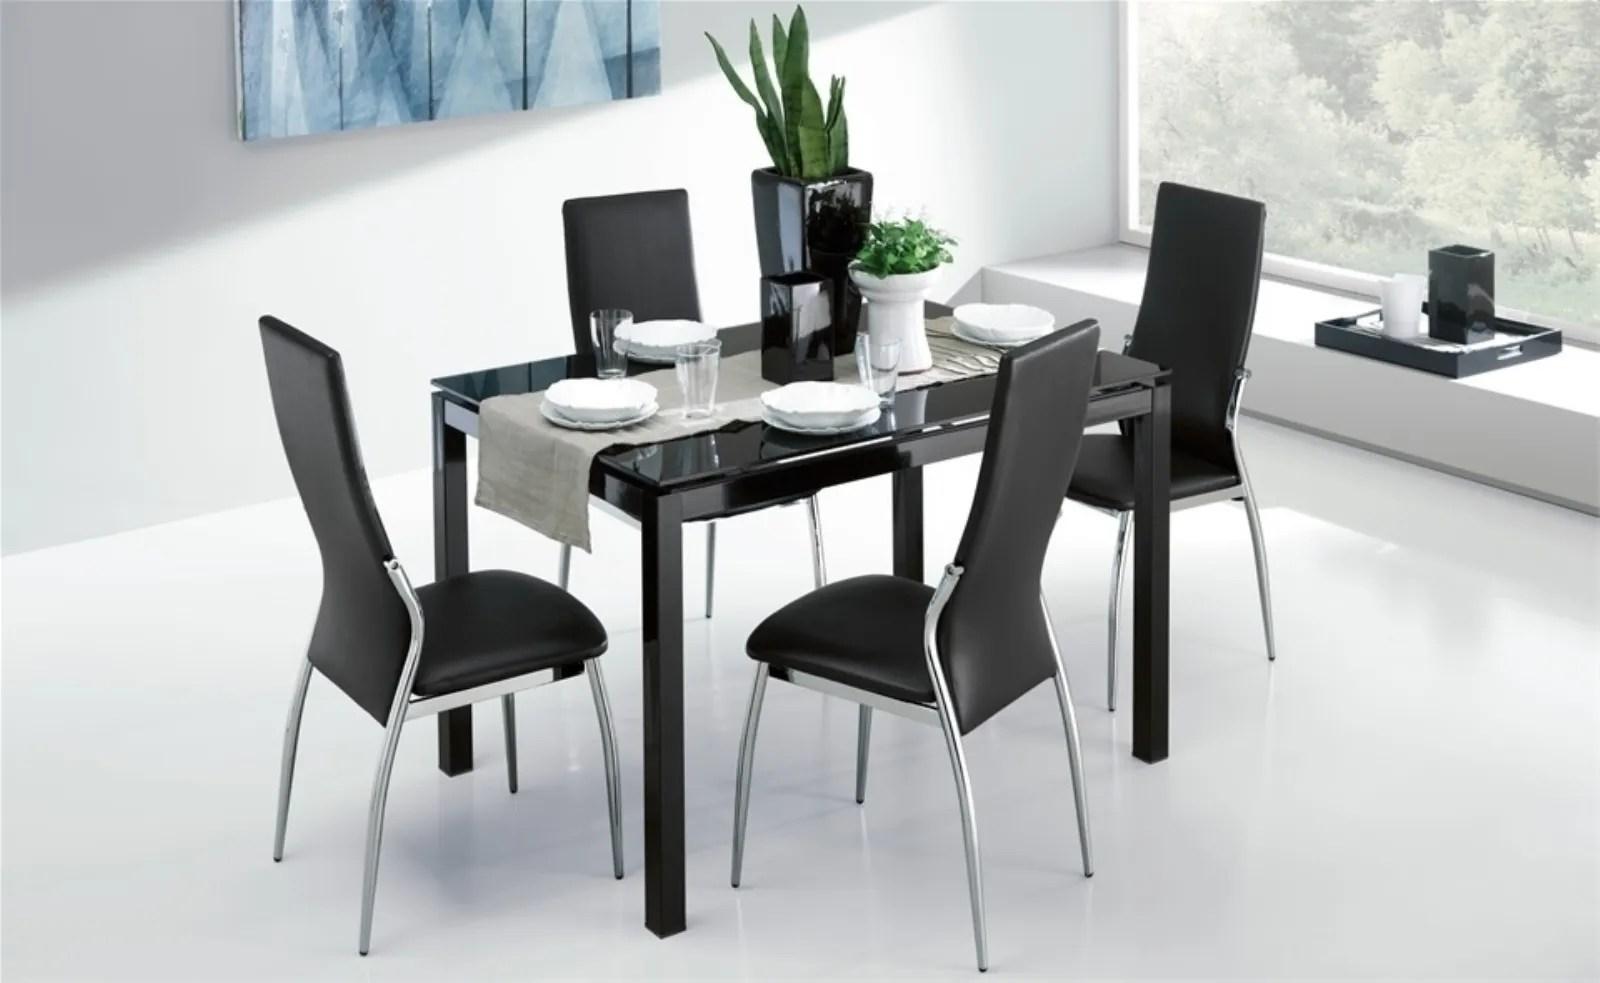 Ikea, calligaris, tanti modelli e prezzi. Sedie Mondo Convenienza Prezzi Bassi E Buona Qualita